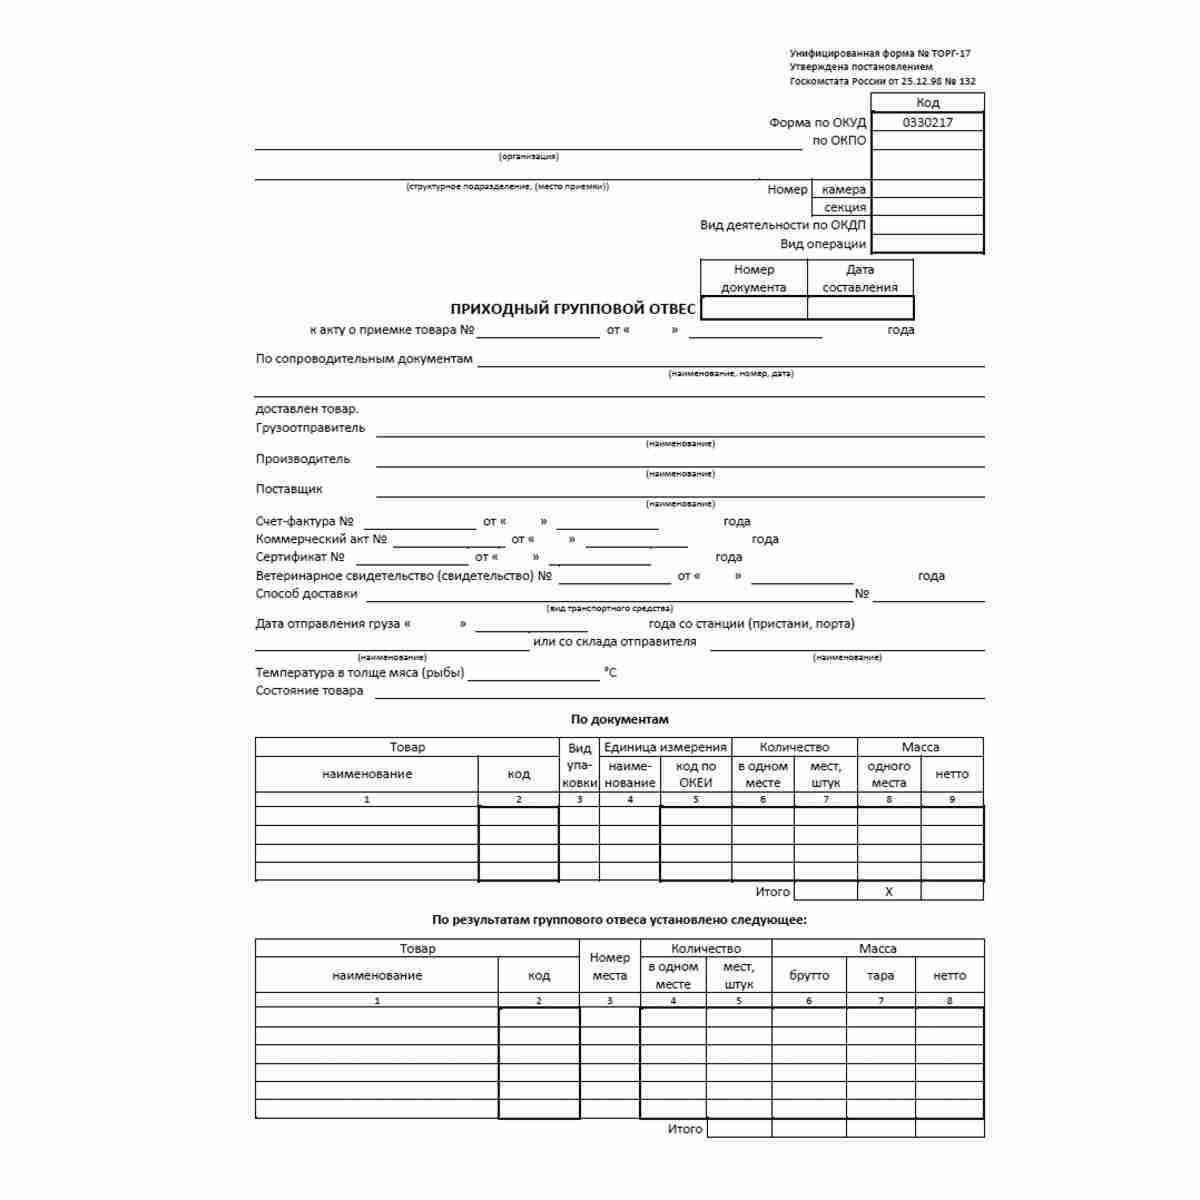 """Унифицированная форма первичной учетной документации №ТОРГ-17 """"Приходный групповой отвес"""" (ОКУД 0330217). Лицевая сторона."""